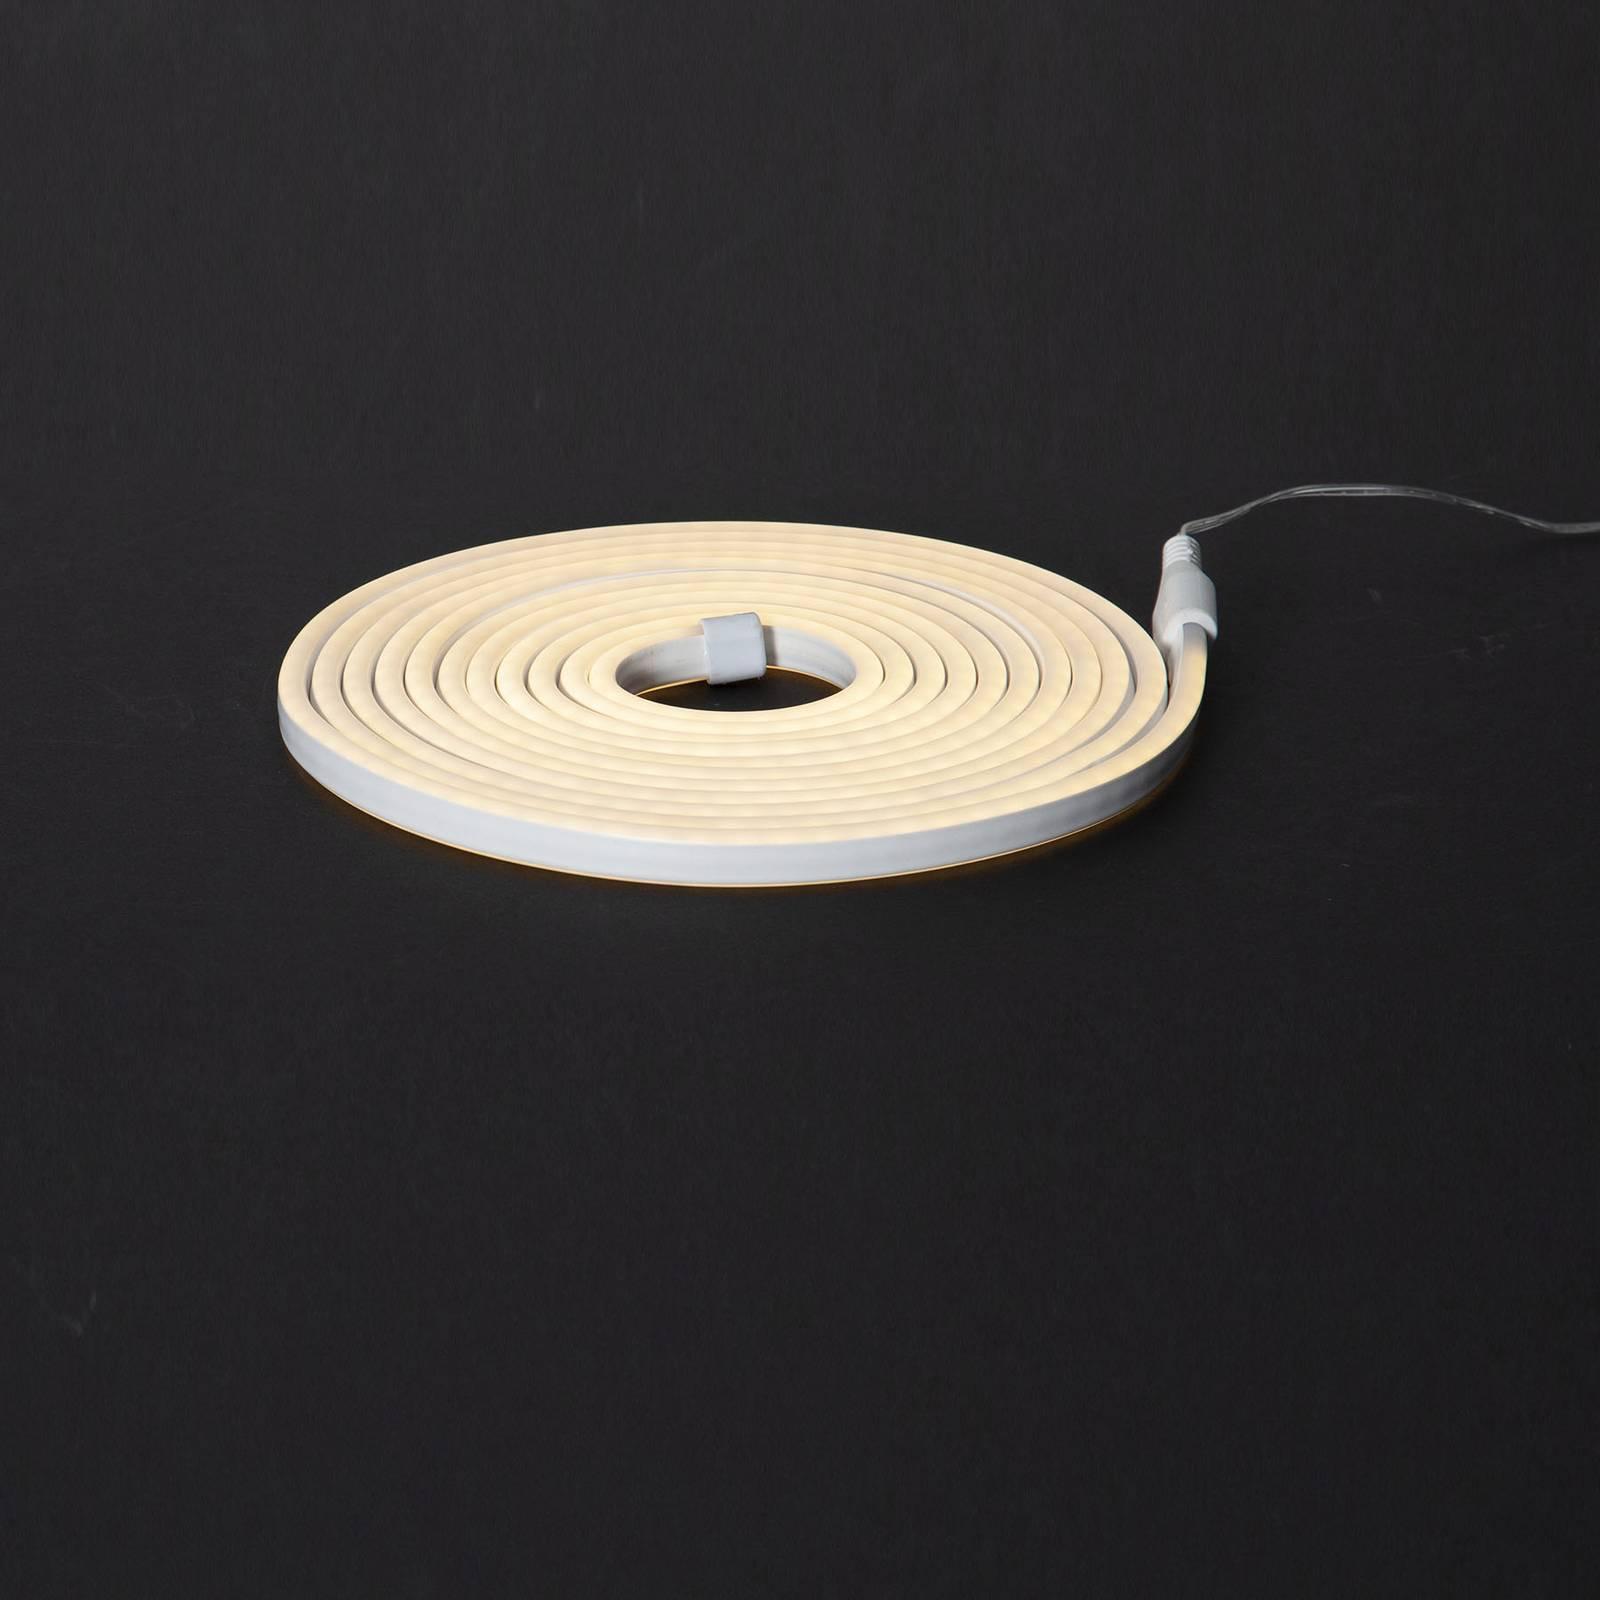 LED-Lichtschlauch Flatneon 2.800 K günstig online kaufen